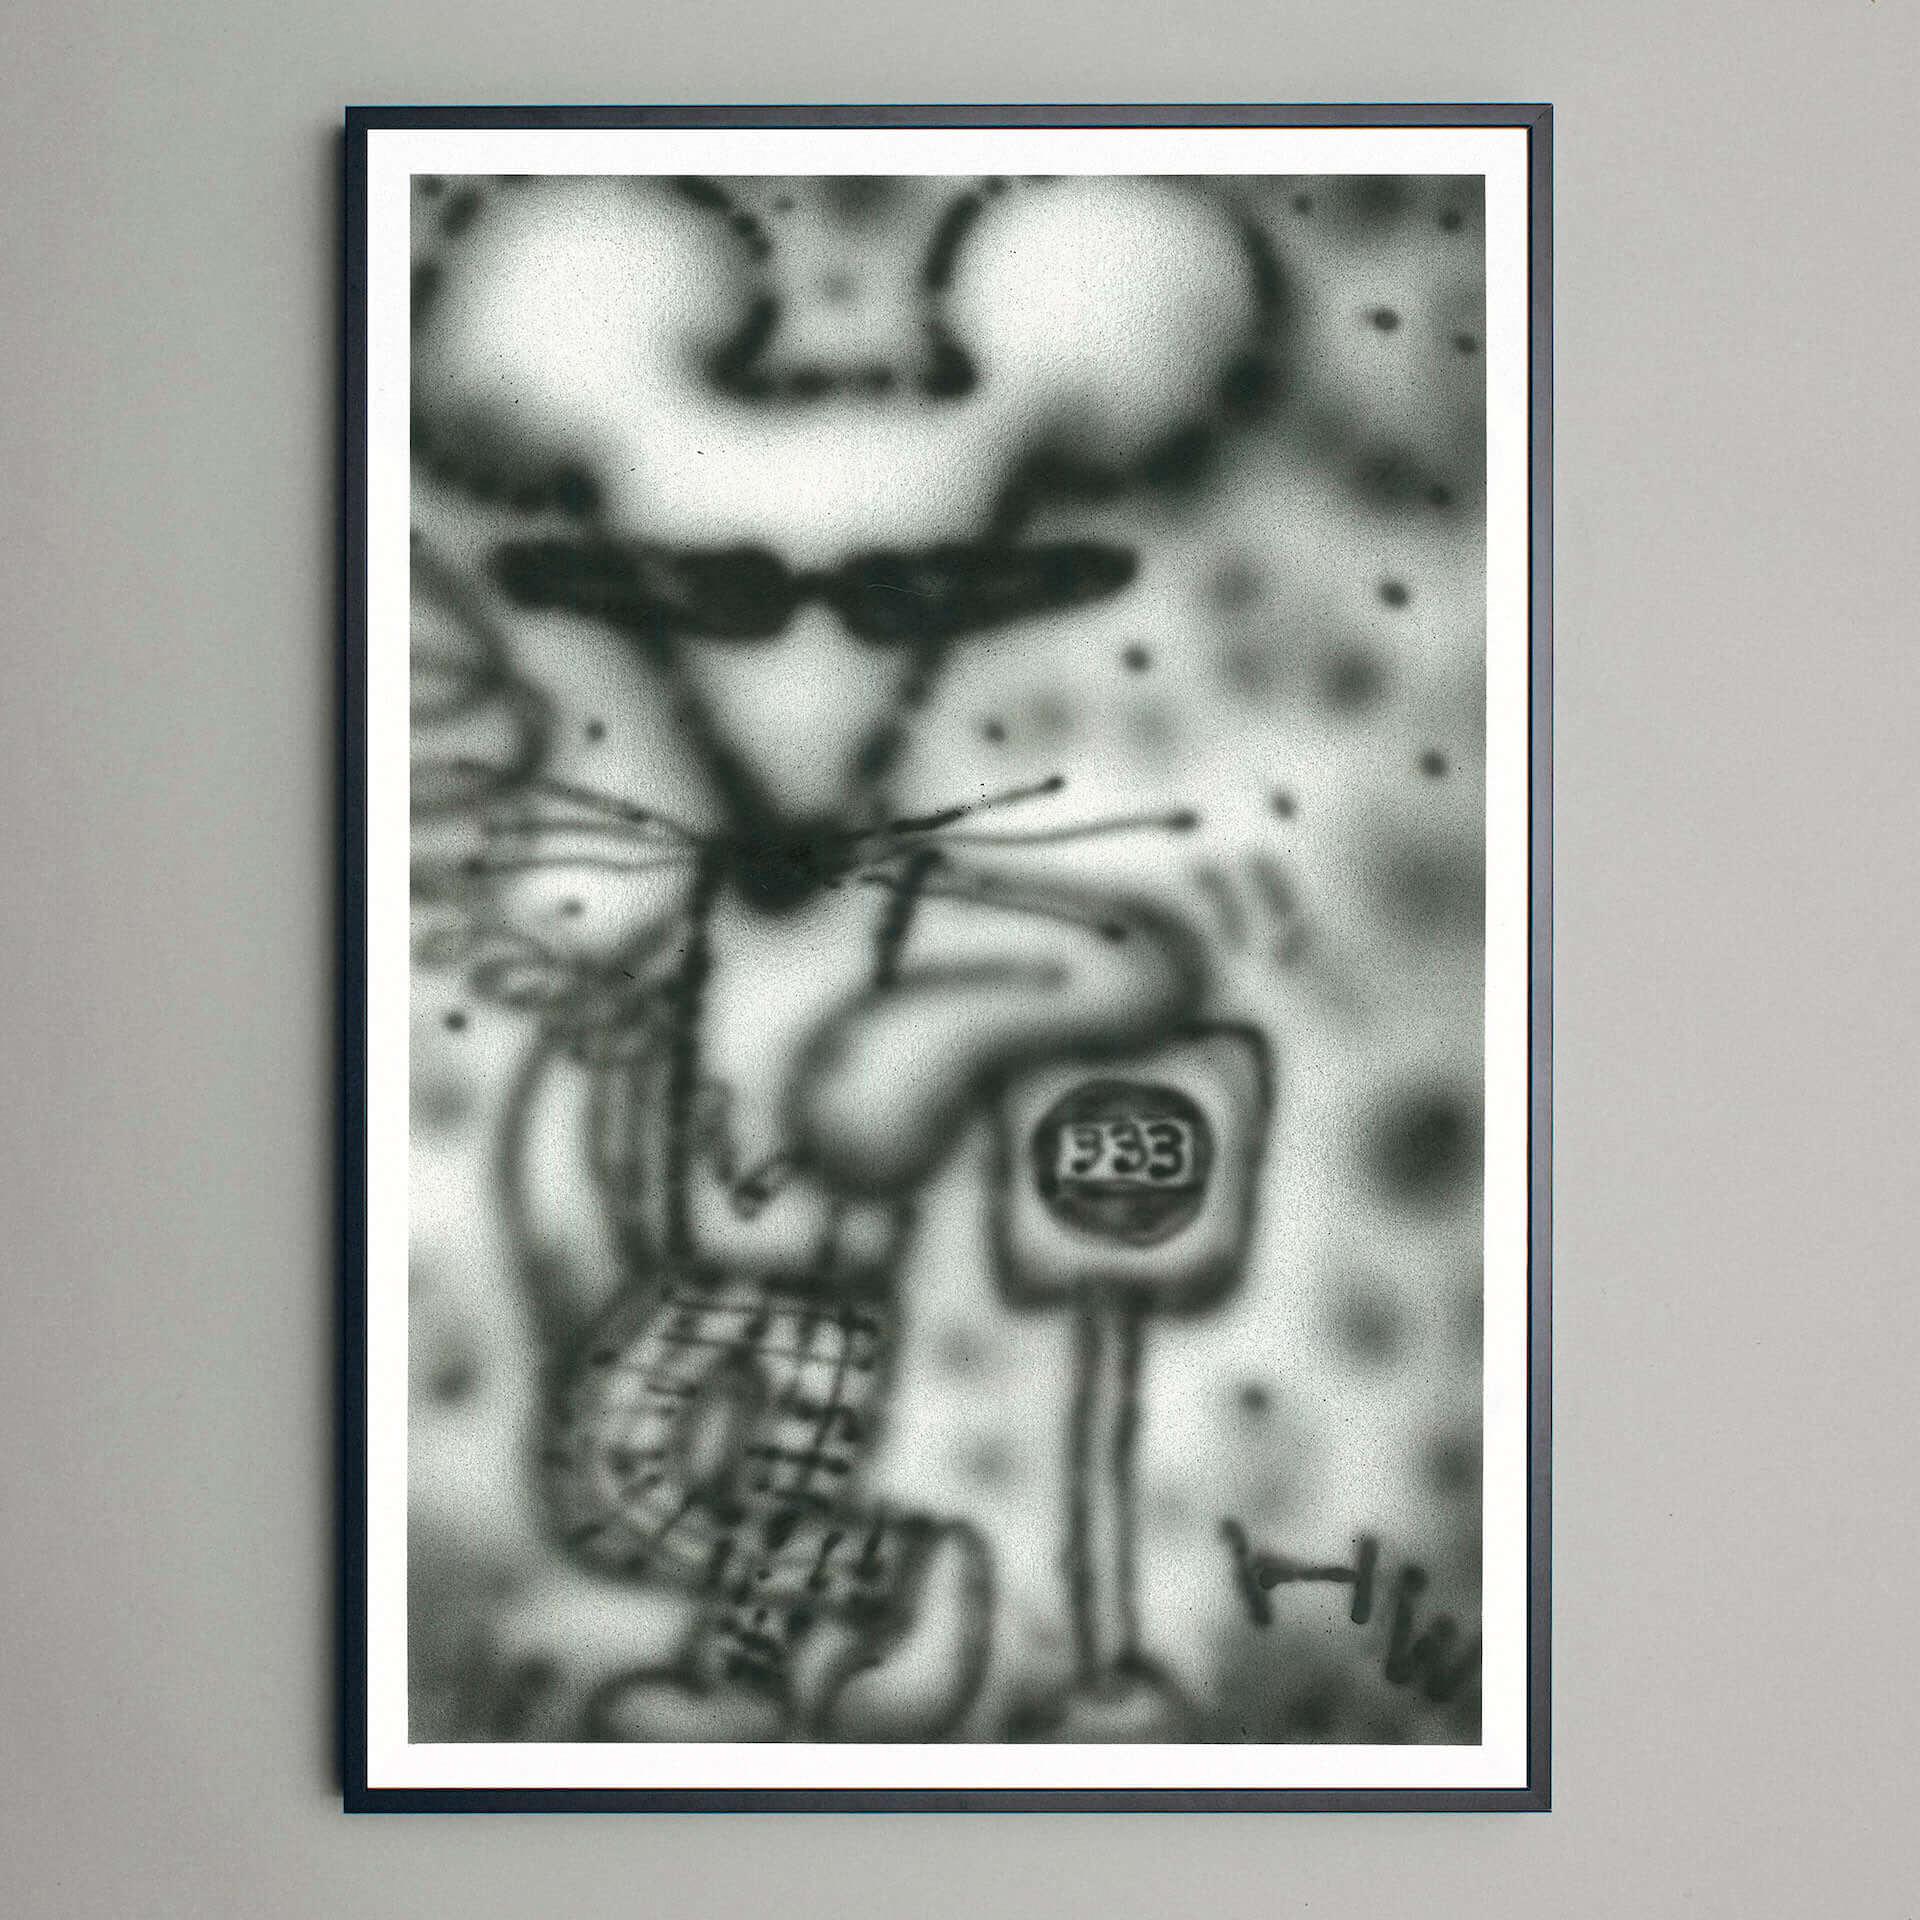 ヒラパー・ウィルソンの個展<TWIG>がLAID BUGにて開催決定!LAID BUGが監修したアートブックも販売 art210208_twig_5-1920x1920